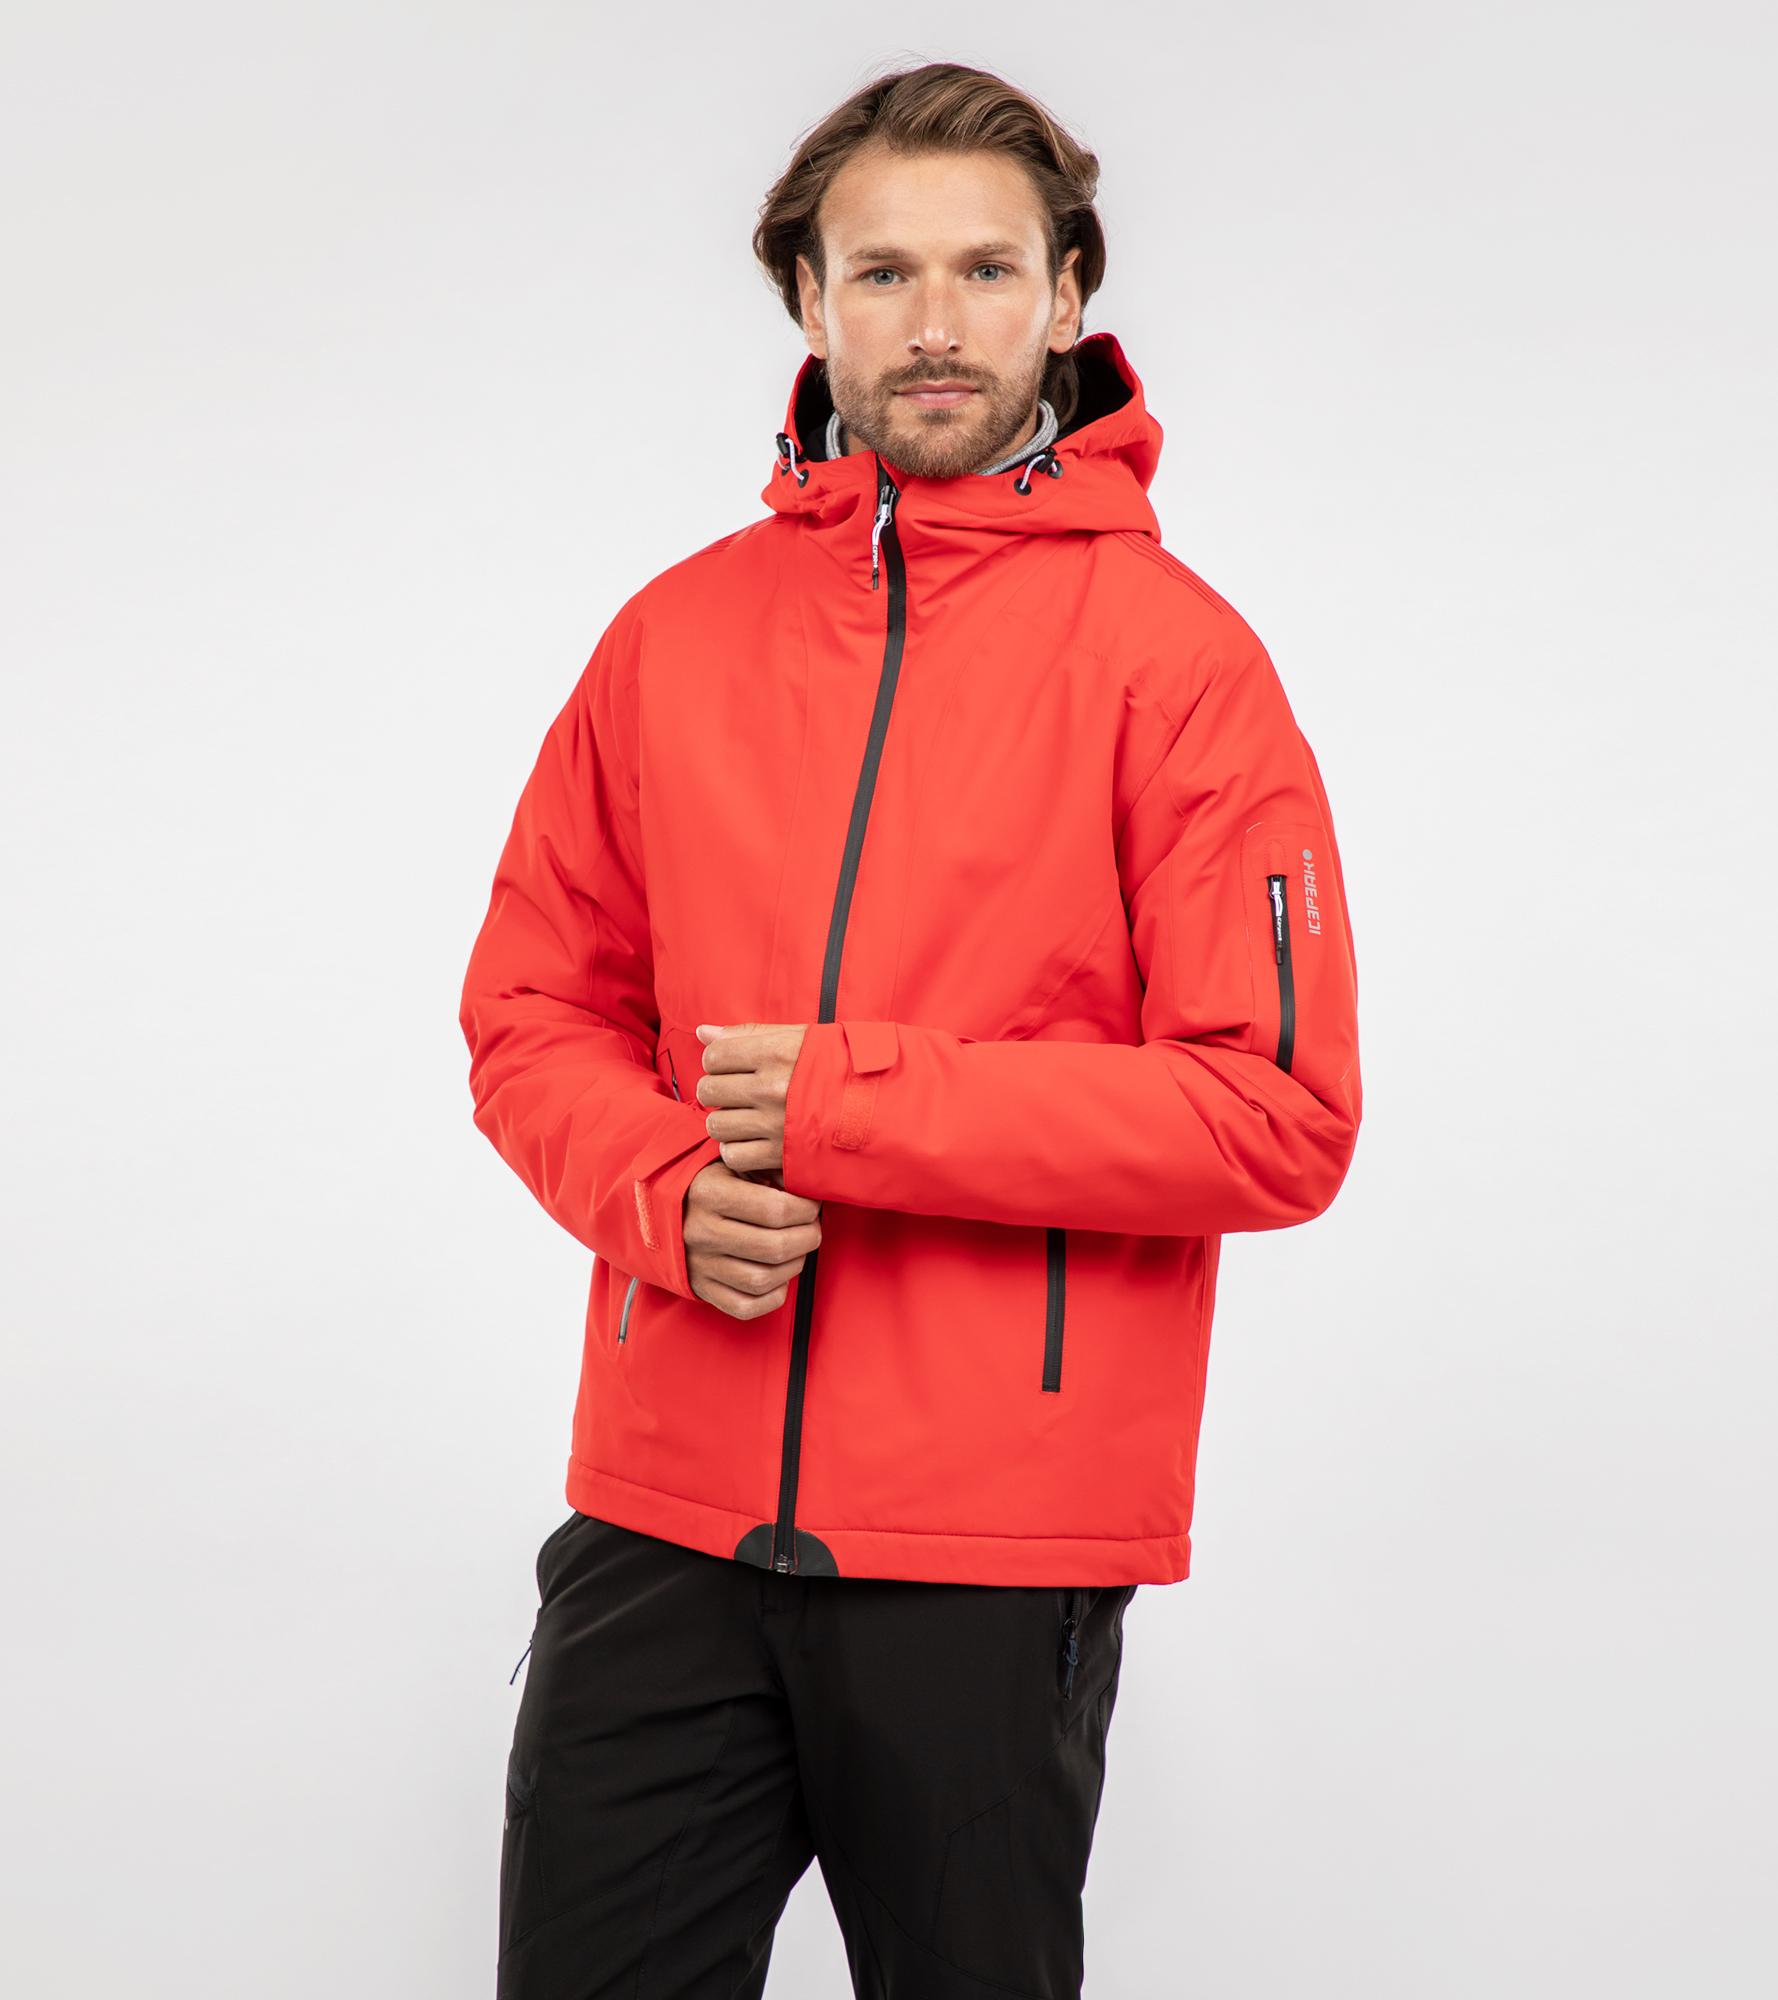 IcePeak Куртка утепленная мужская Pierpont, размер 56